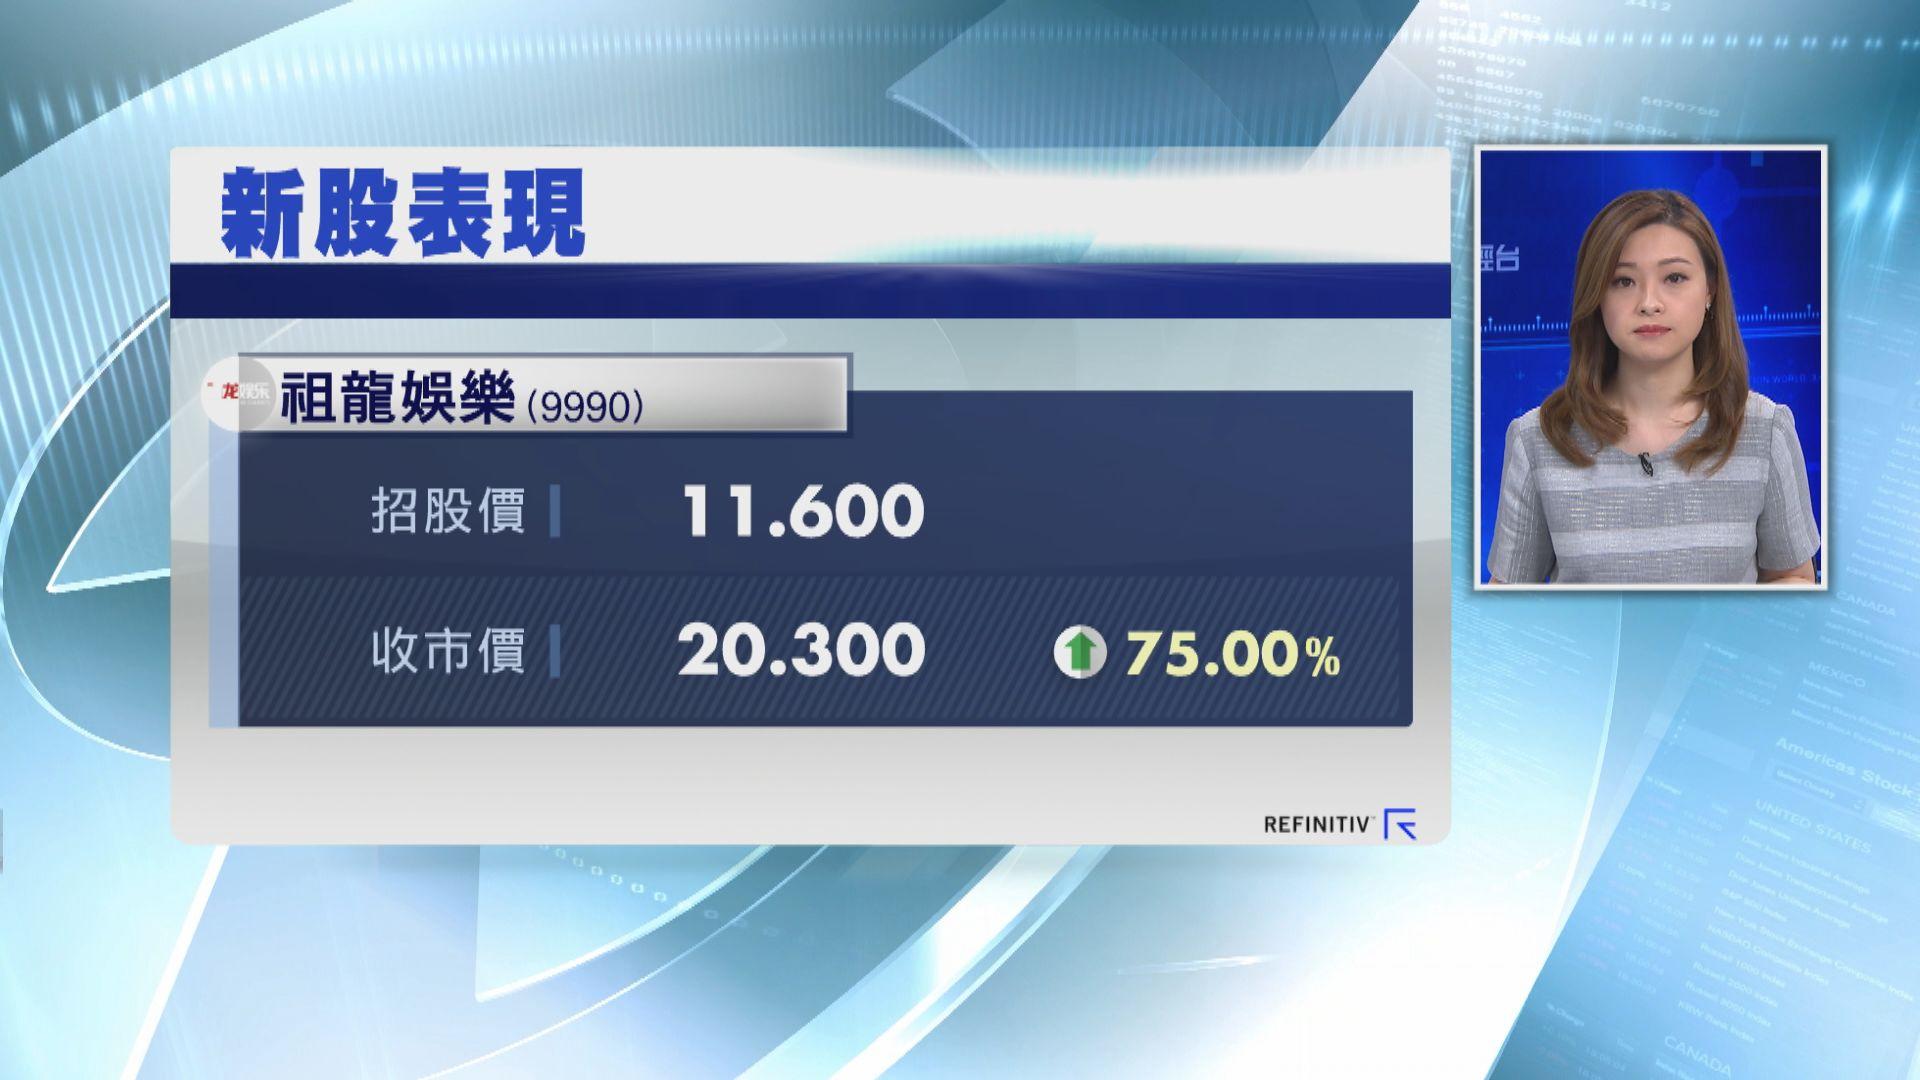 六隻新股首掛股價個別發展 祖龍娛樂全日高位收市